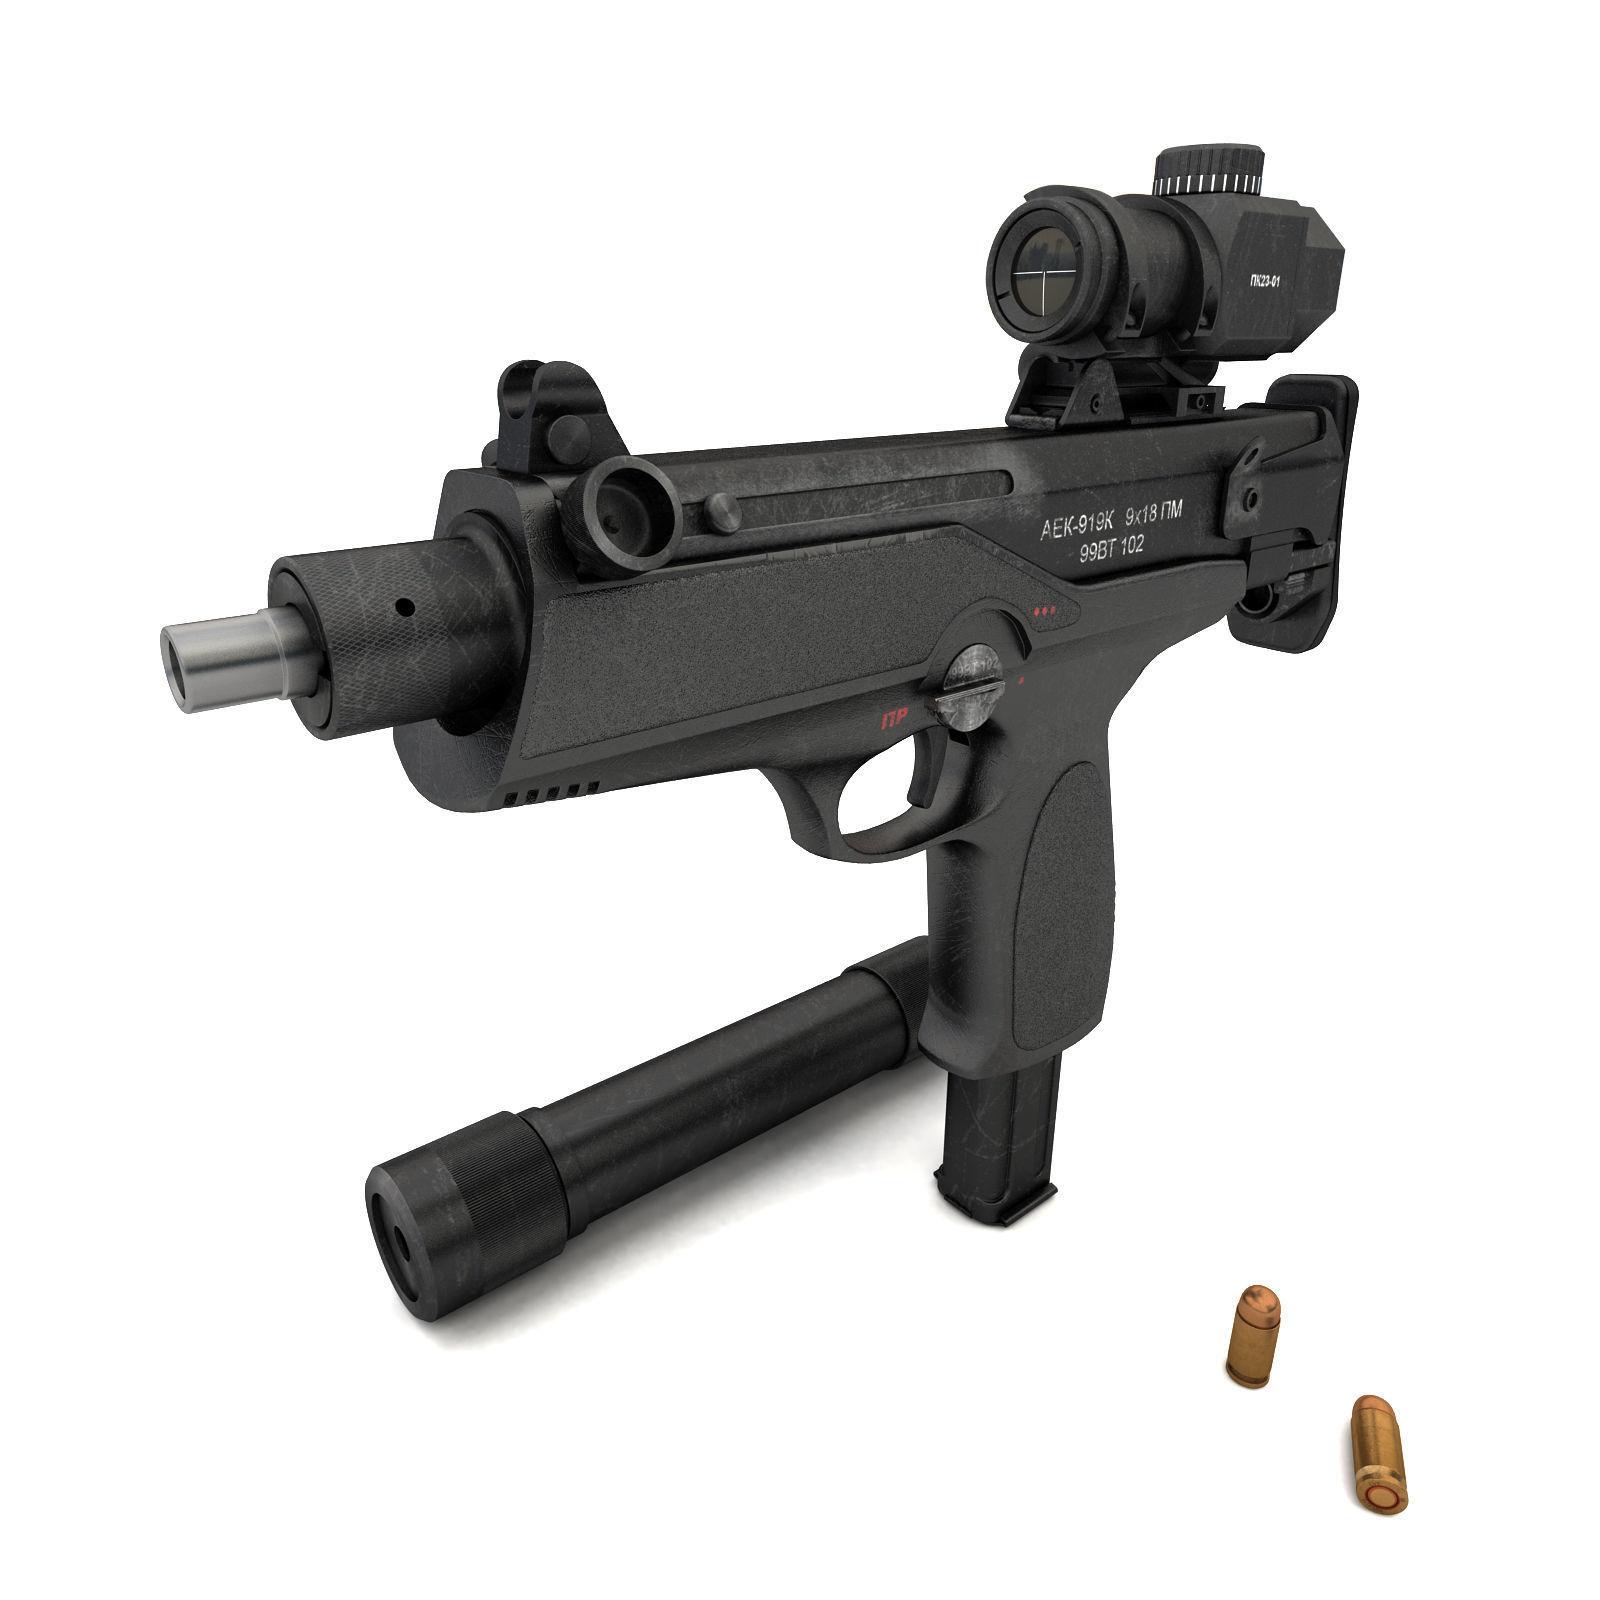 submachine gun AEK-919K Kashtan